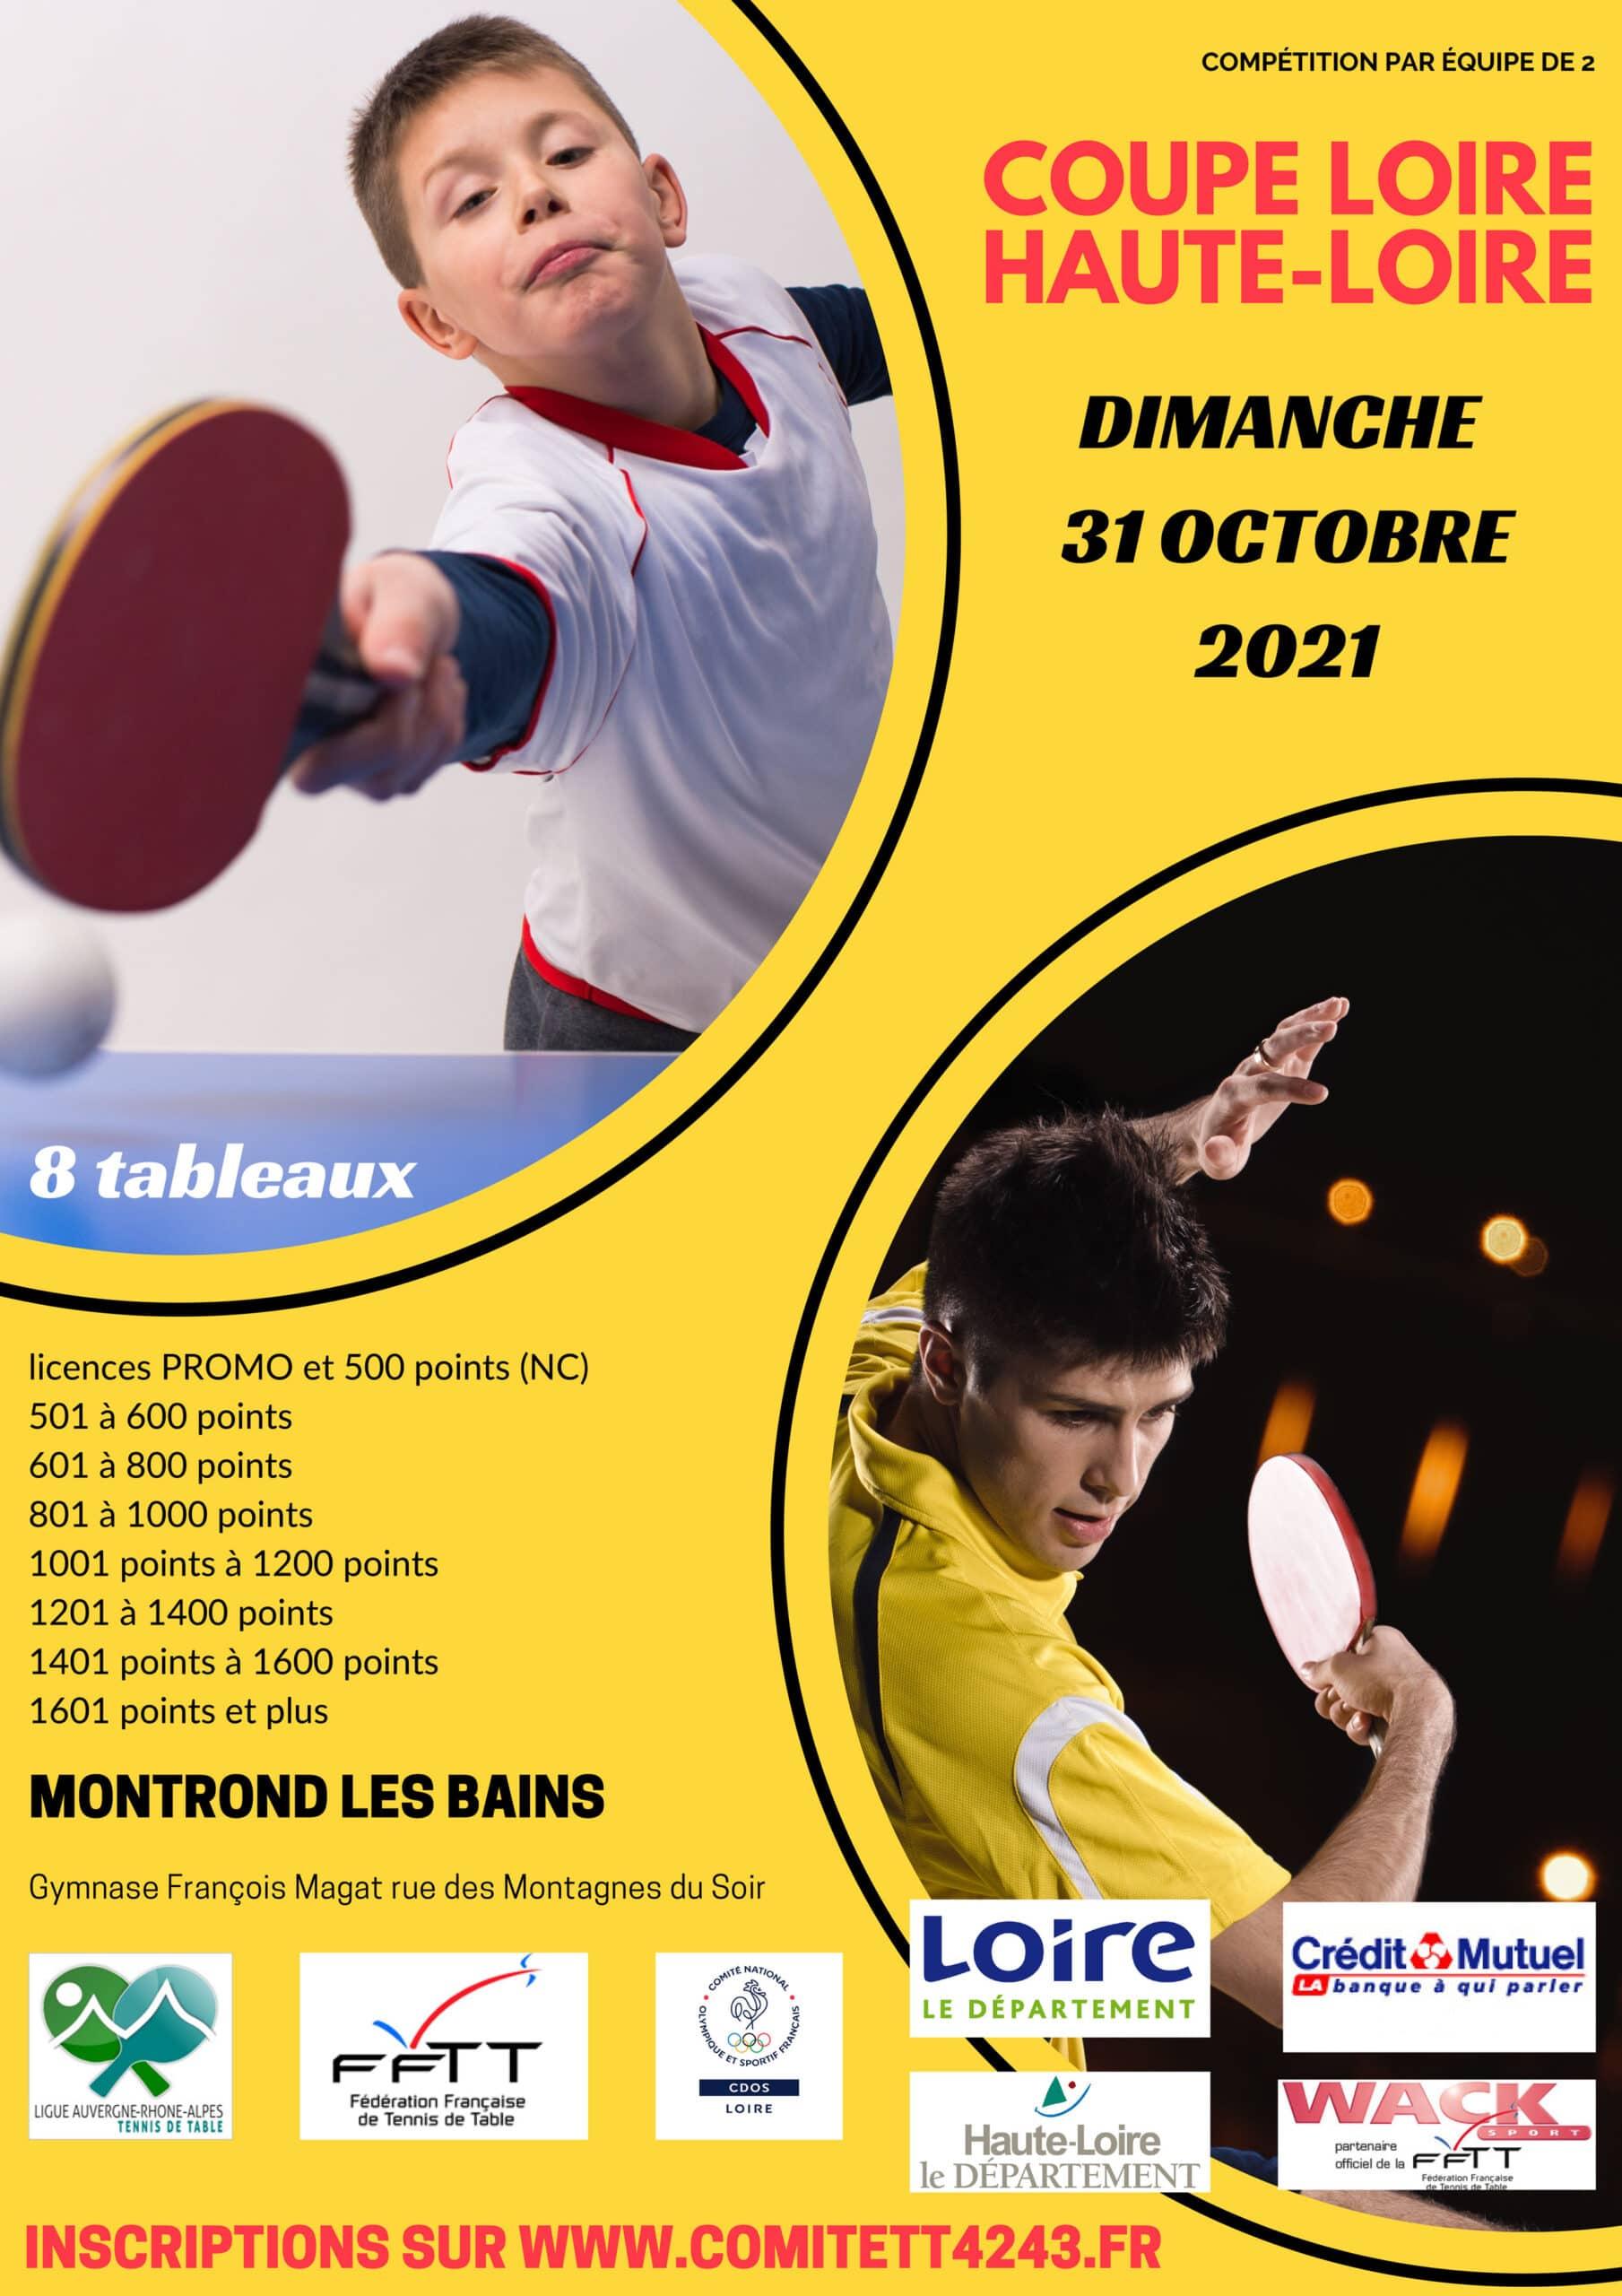 Coupe Loire haute-Loire 2021-2022